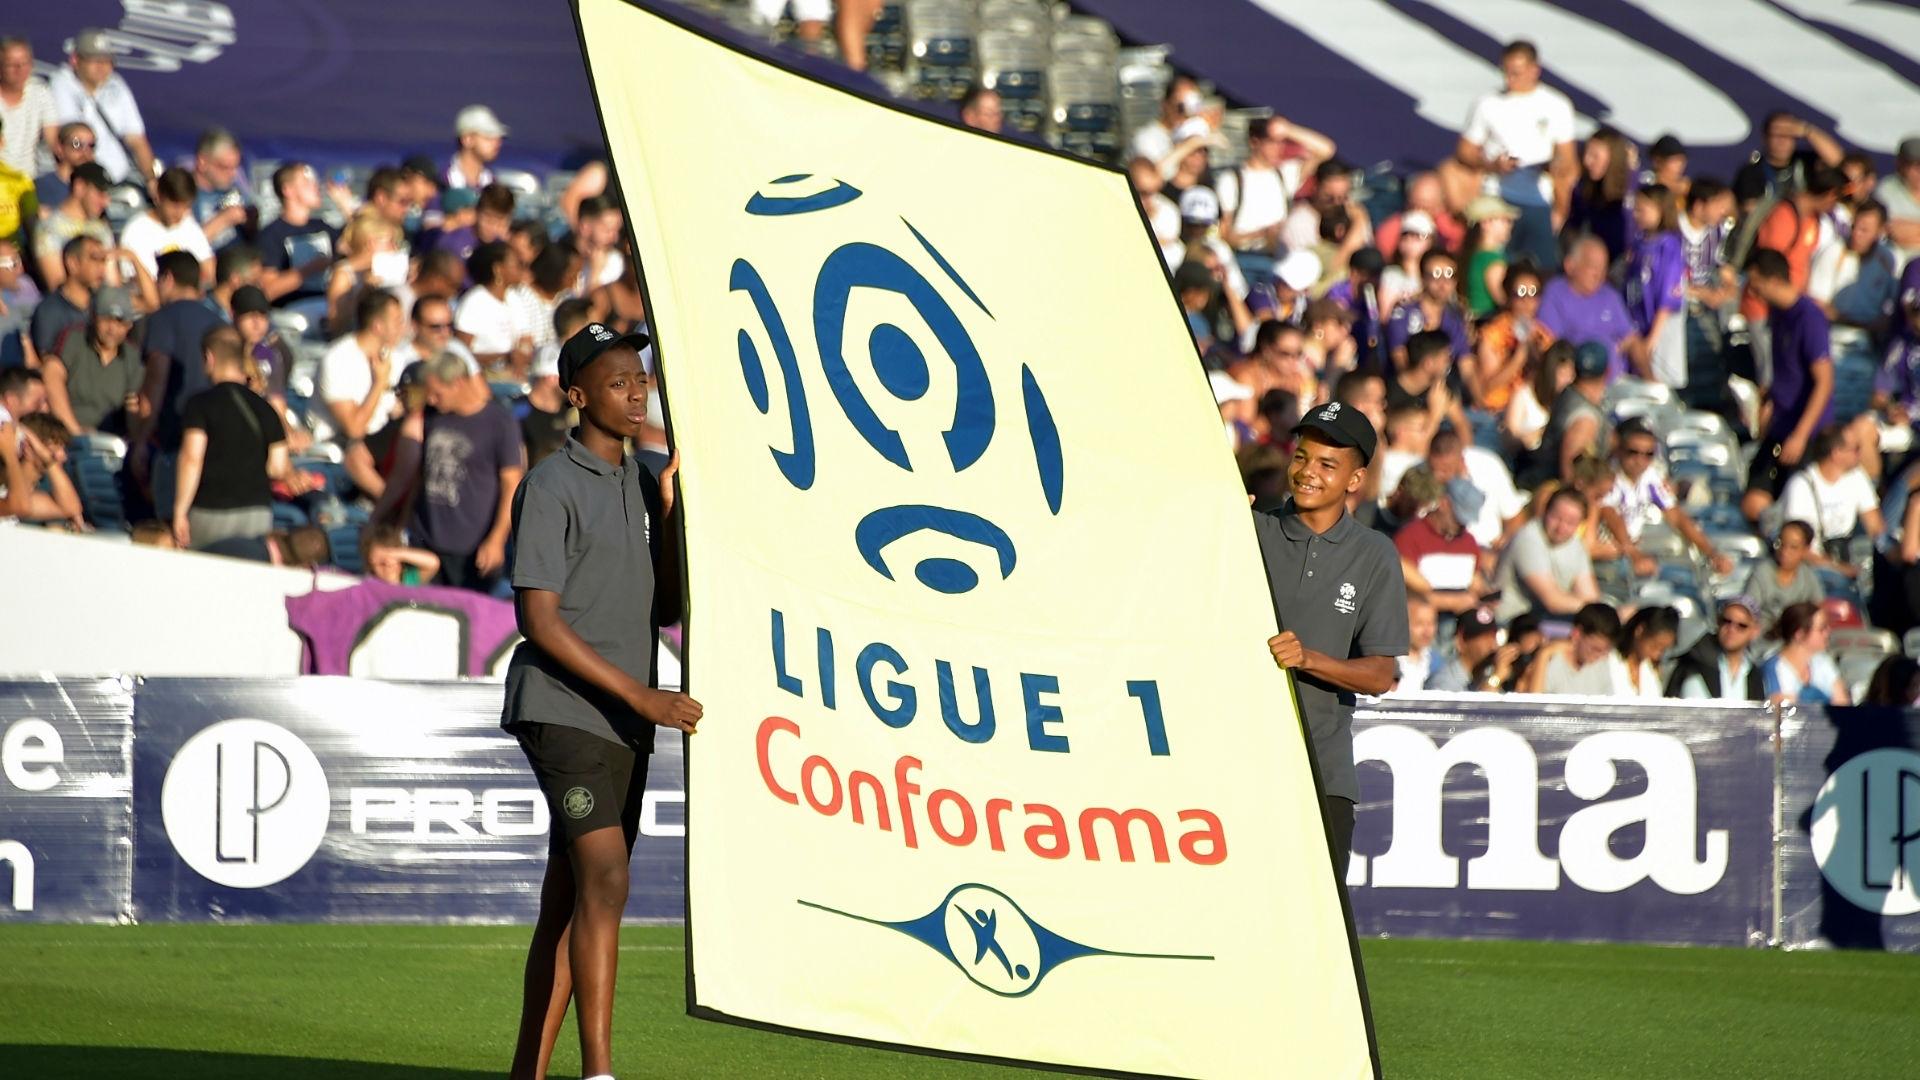 Ligue 1 / Ligue 2 : pour la reprise, la LFP vise le 22-23 août au plus tard